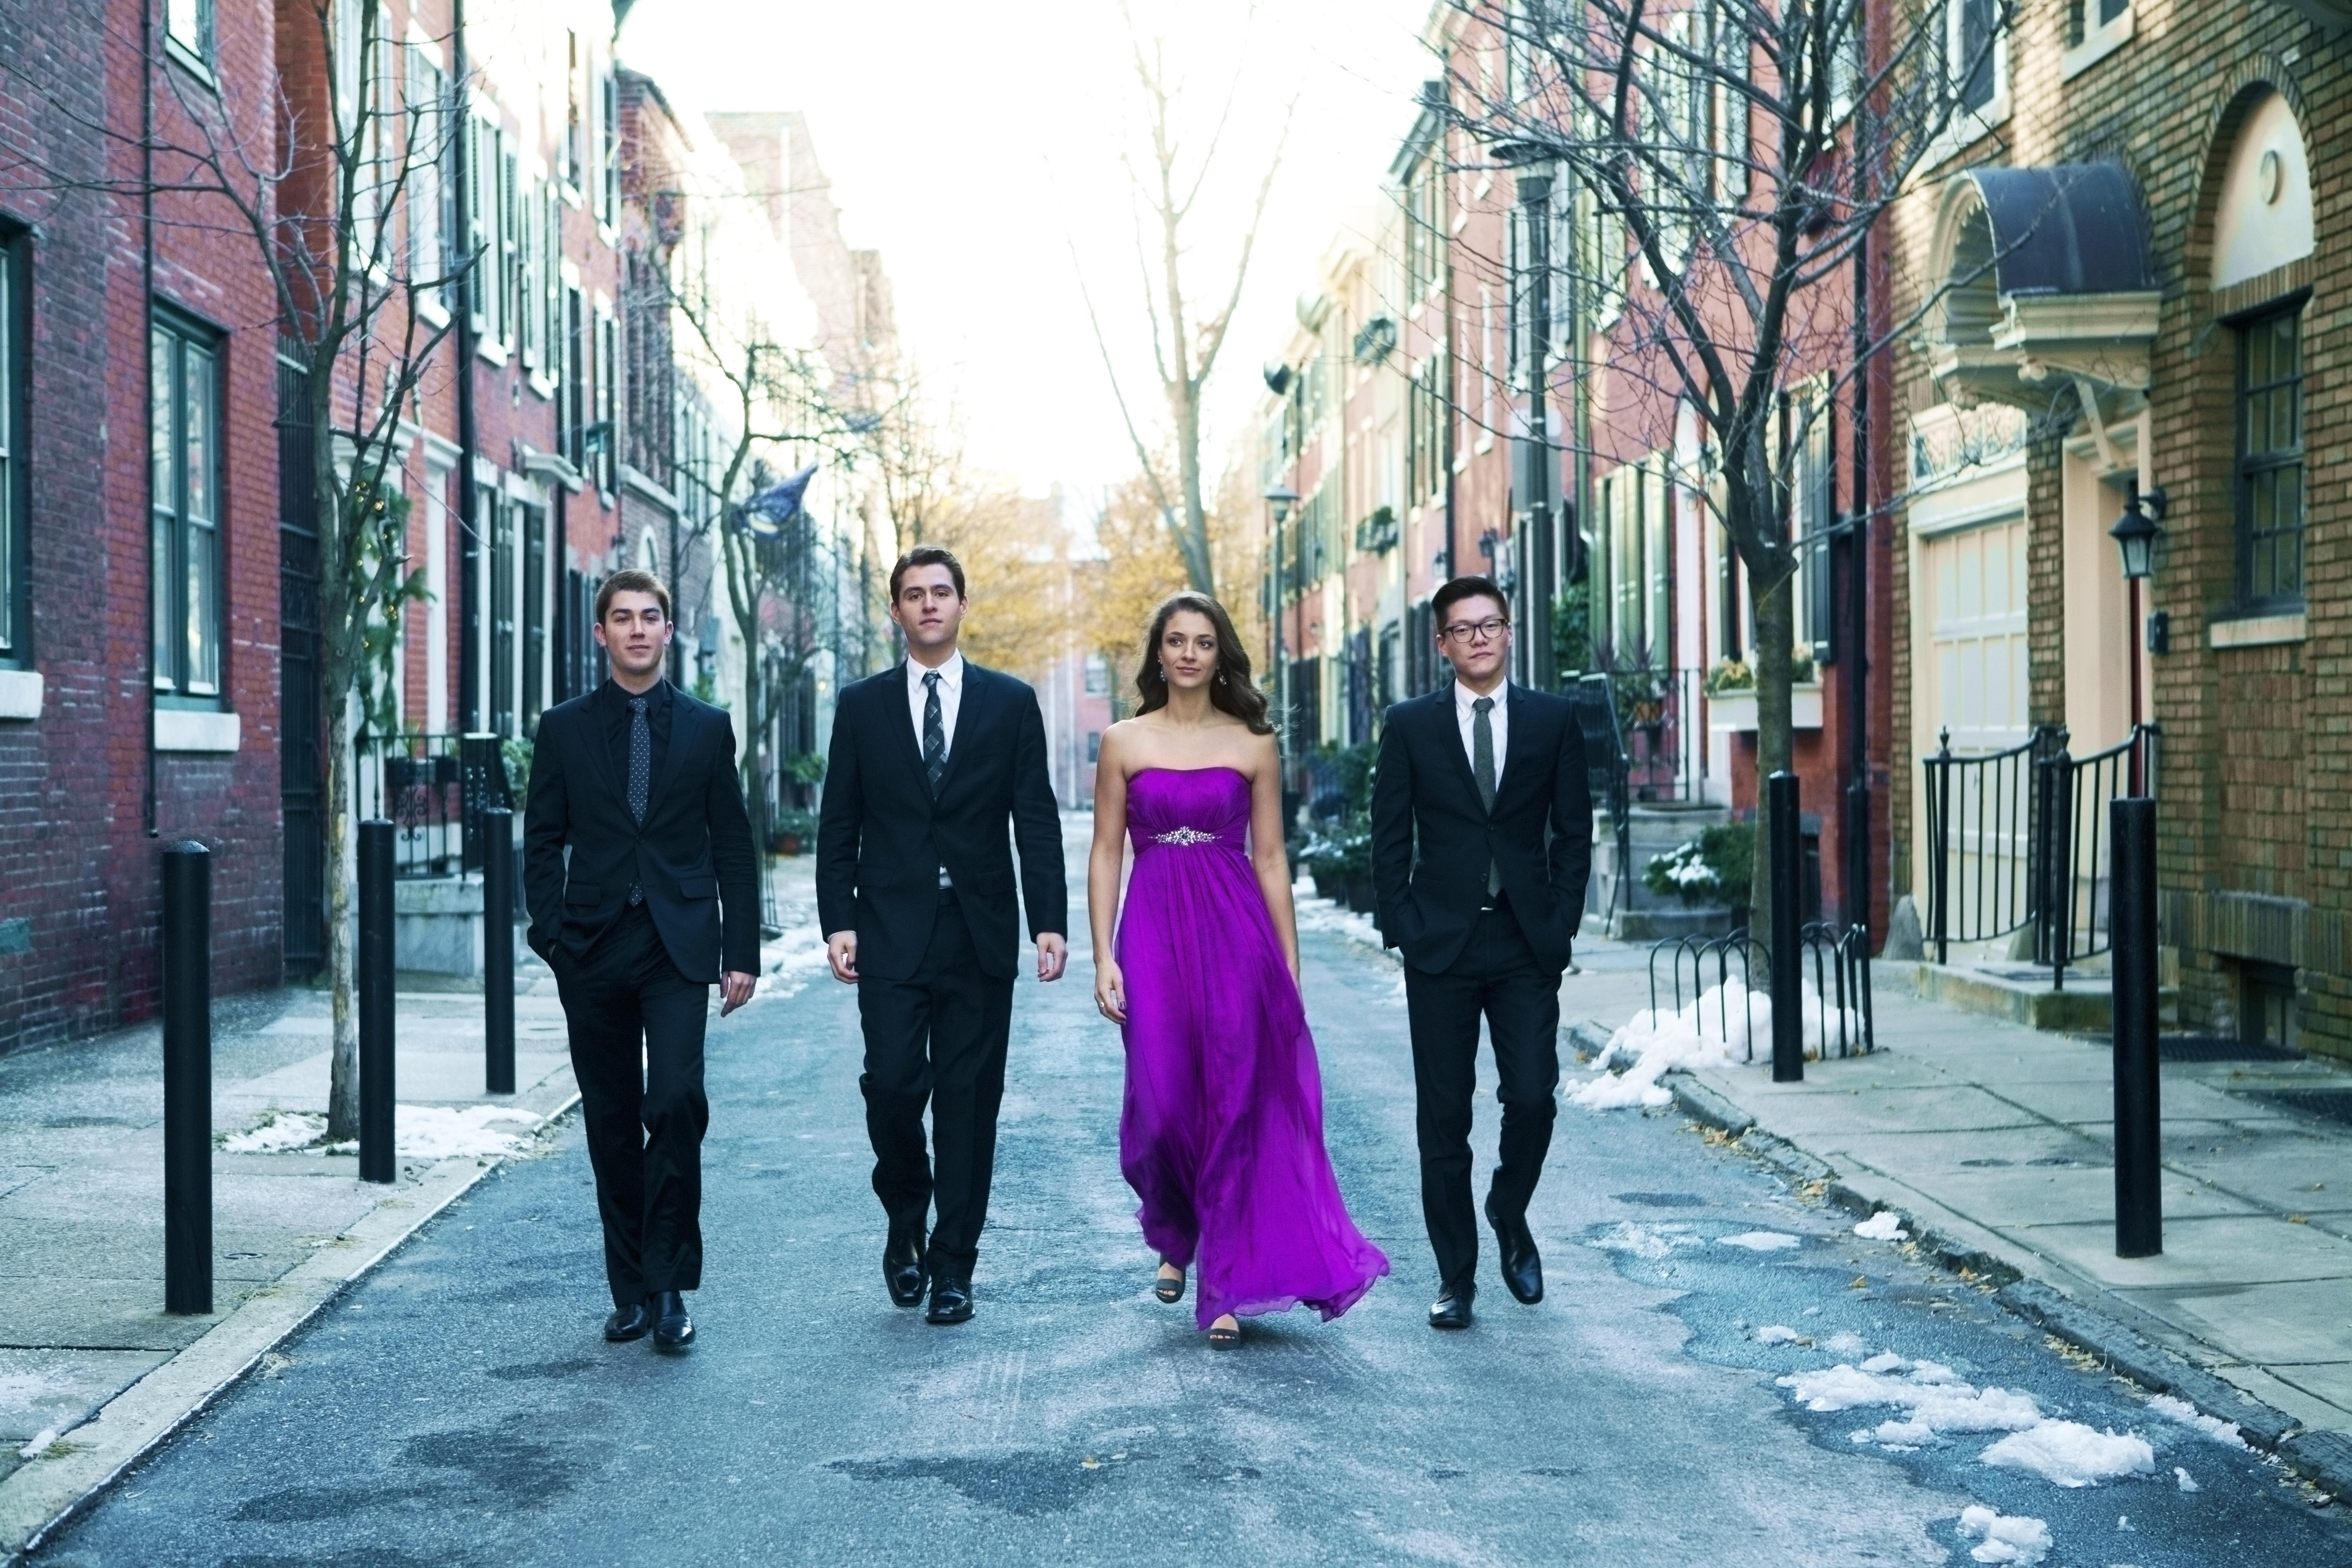 The Dover Quartet consists of Joel Link and Bryan Lee, violin; Milena Pajaro-Van de Stadt, viola; and Camden Shaw, cello.